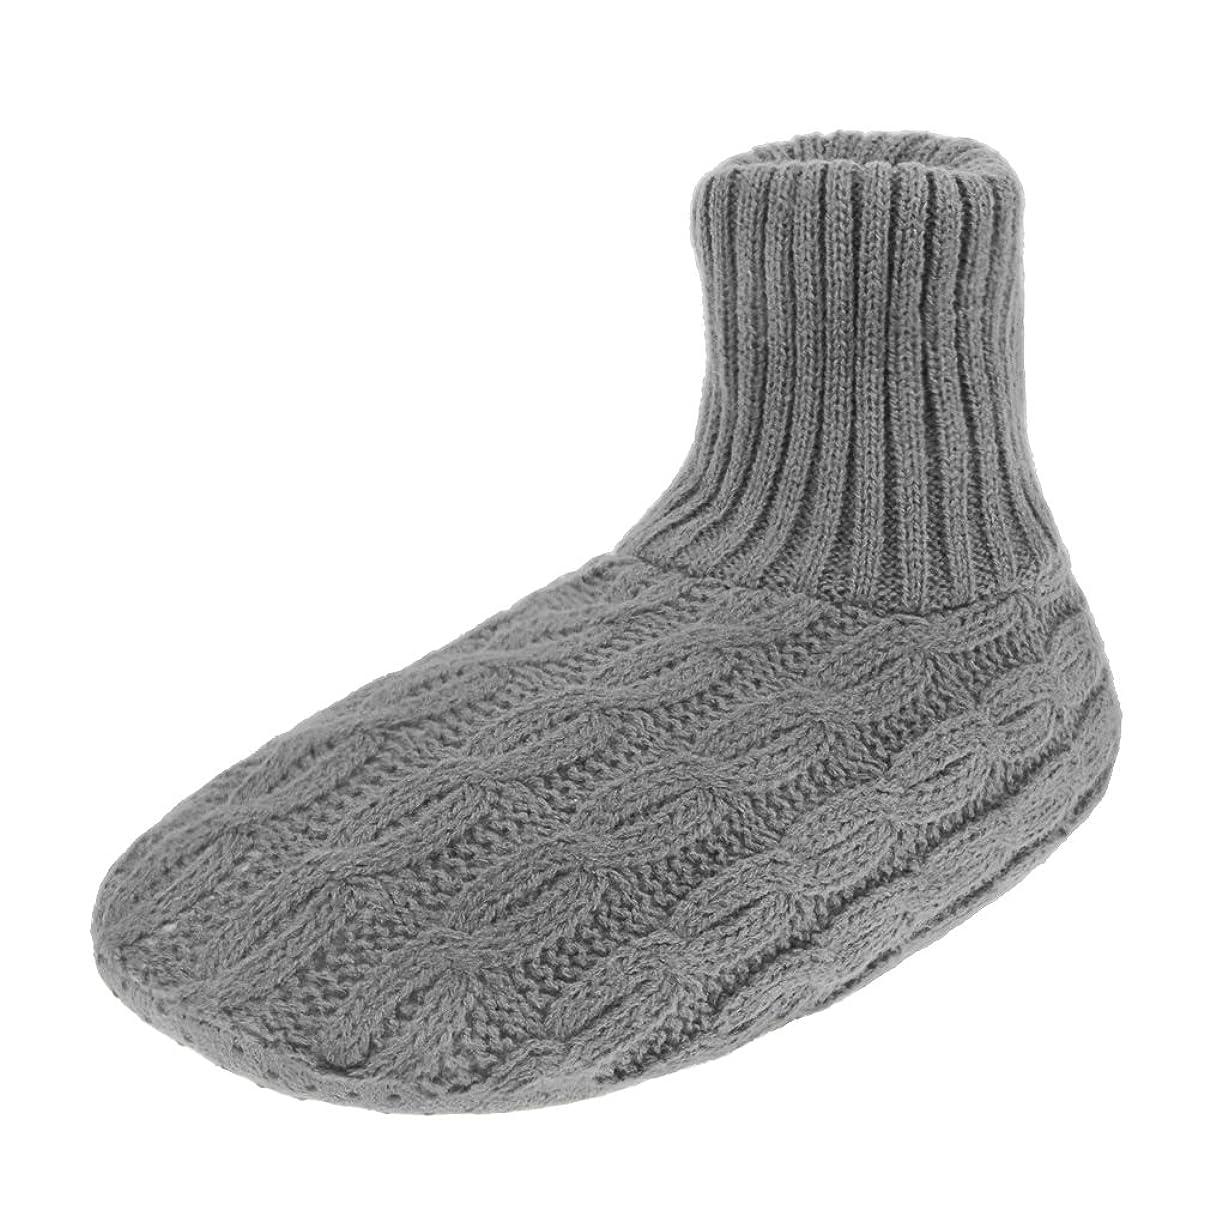 ルネッサンス怒っている占めるレディース靴下 ルームソックス 編み物 室内履き 自宅仕事用 ニット 暖かい もこもこ 寒気防止 両足温める 極厚地 柔軟 滑り止めクッション シンプル 冬 ソックス くつした ガールズ 女 女性用 成人 ジュニア 来客用